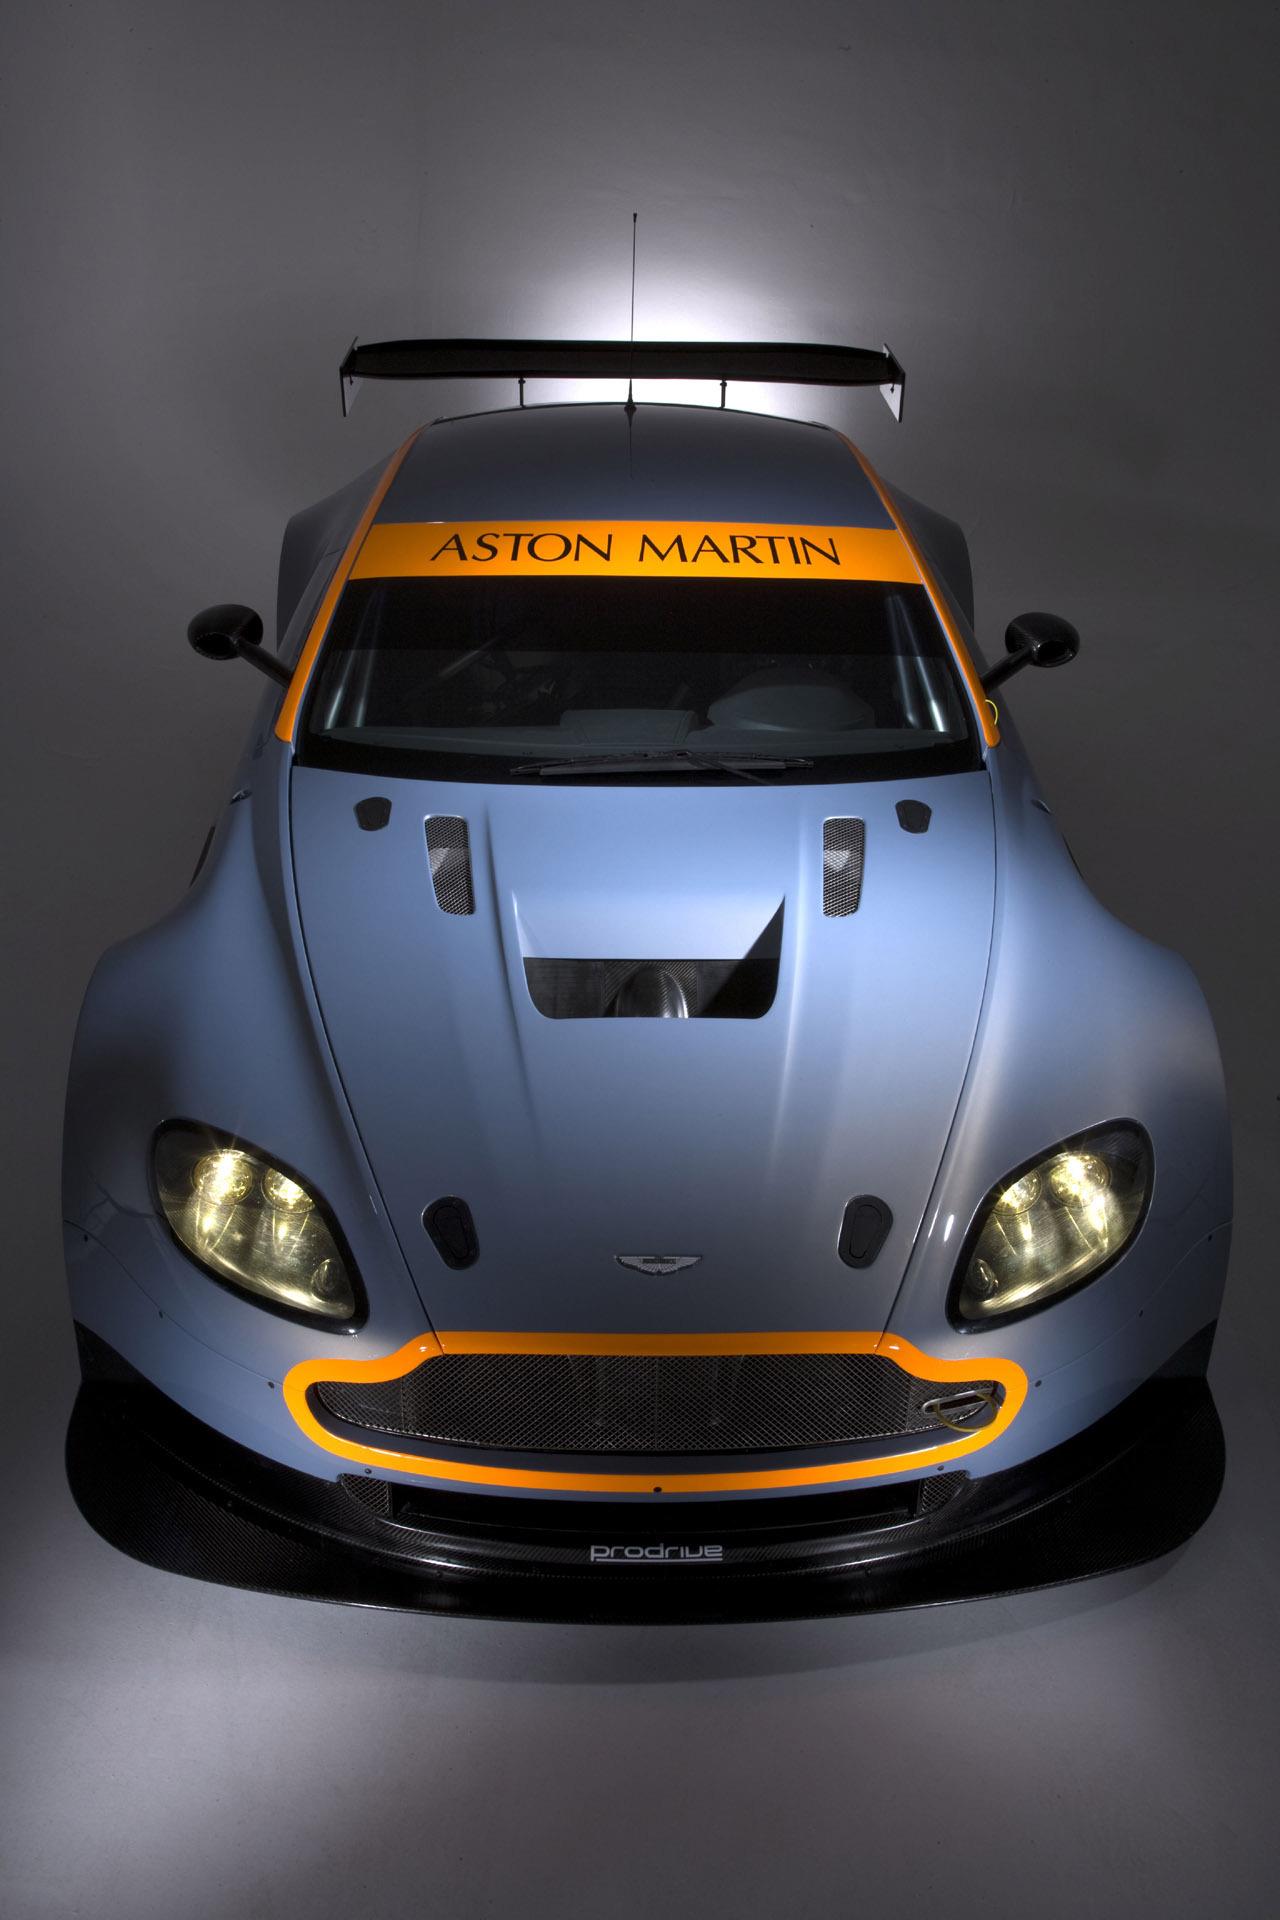 31508 скачать обои Транспорт, Машины, Астон Мартин (Aston Martin) - заставки и картинки бесплатно